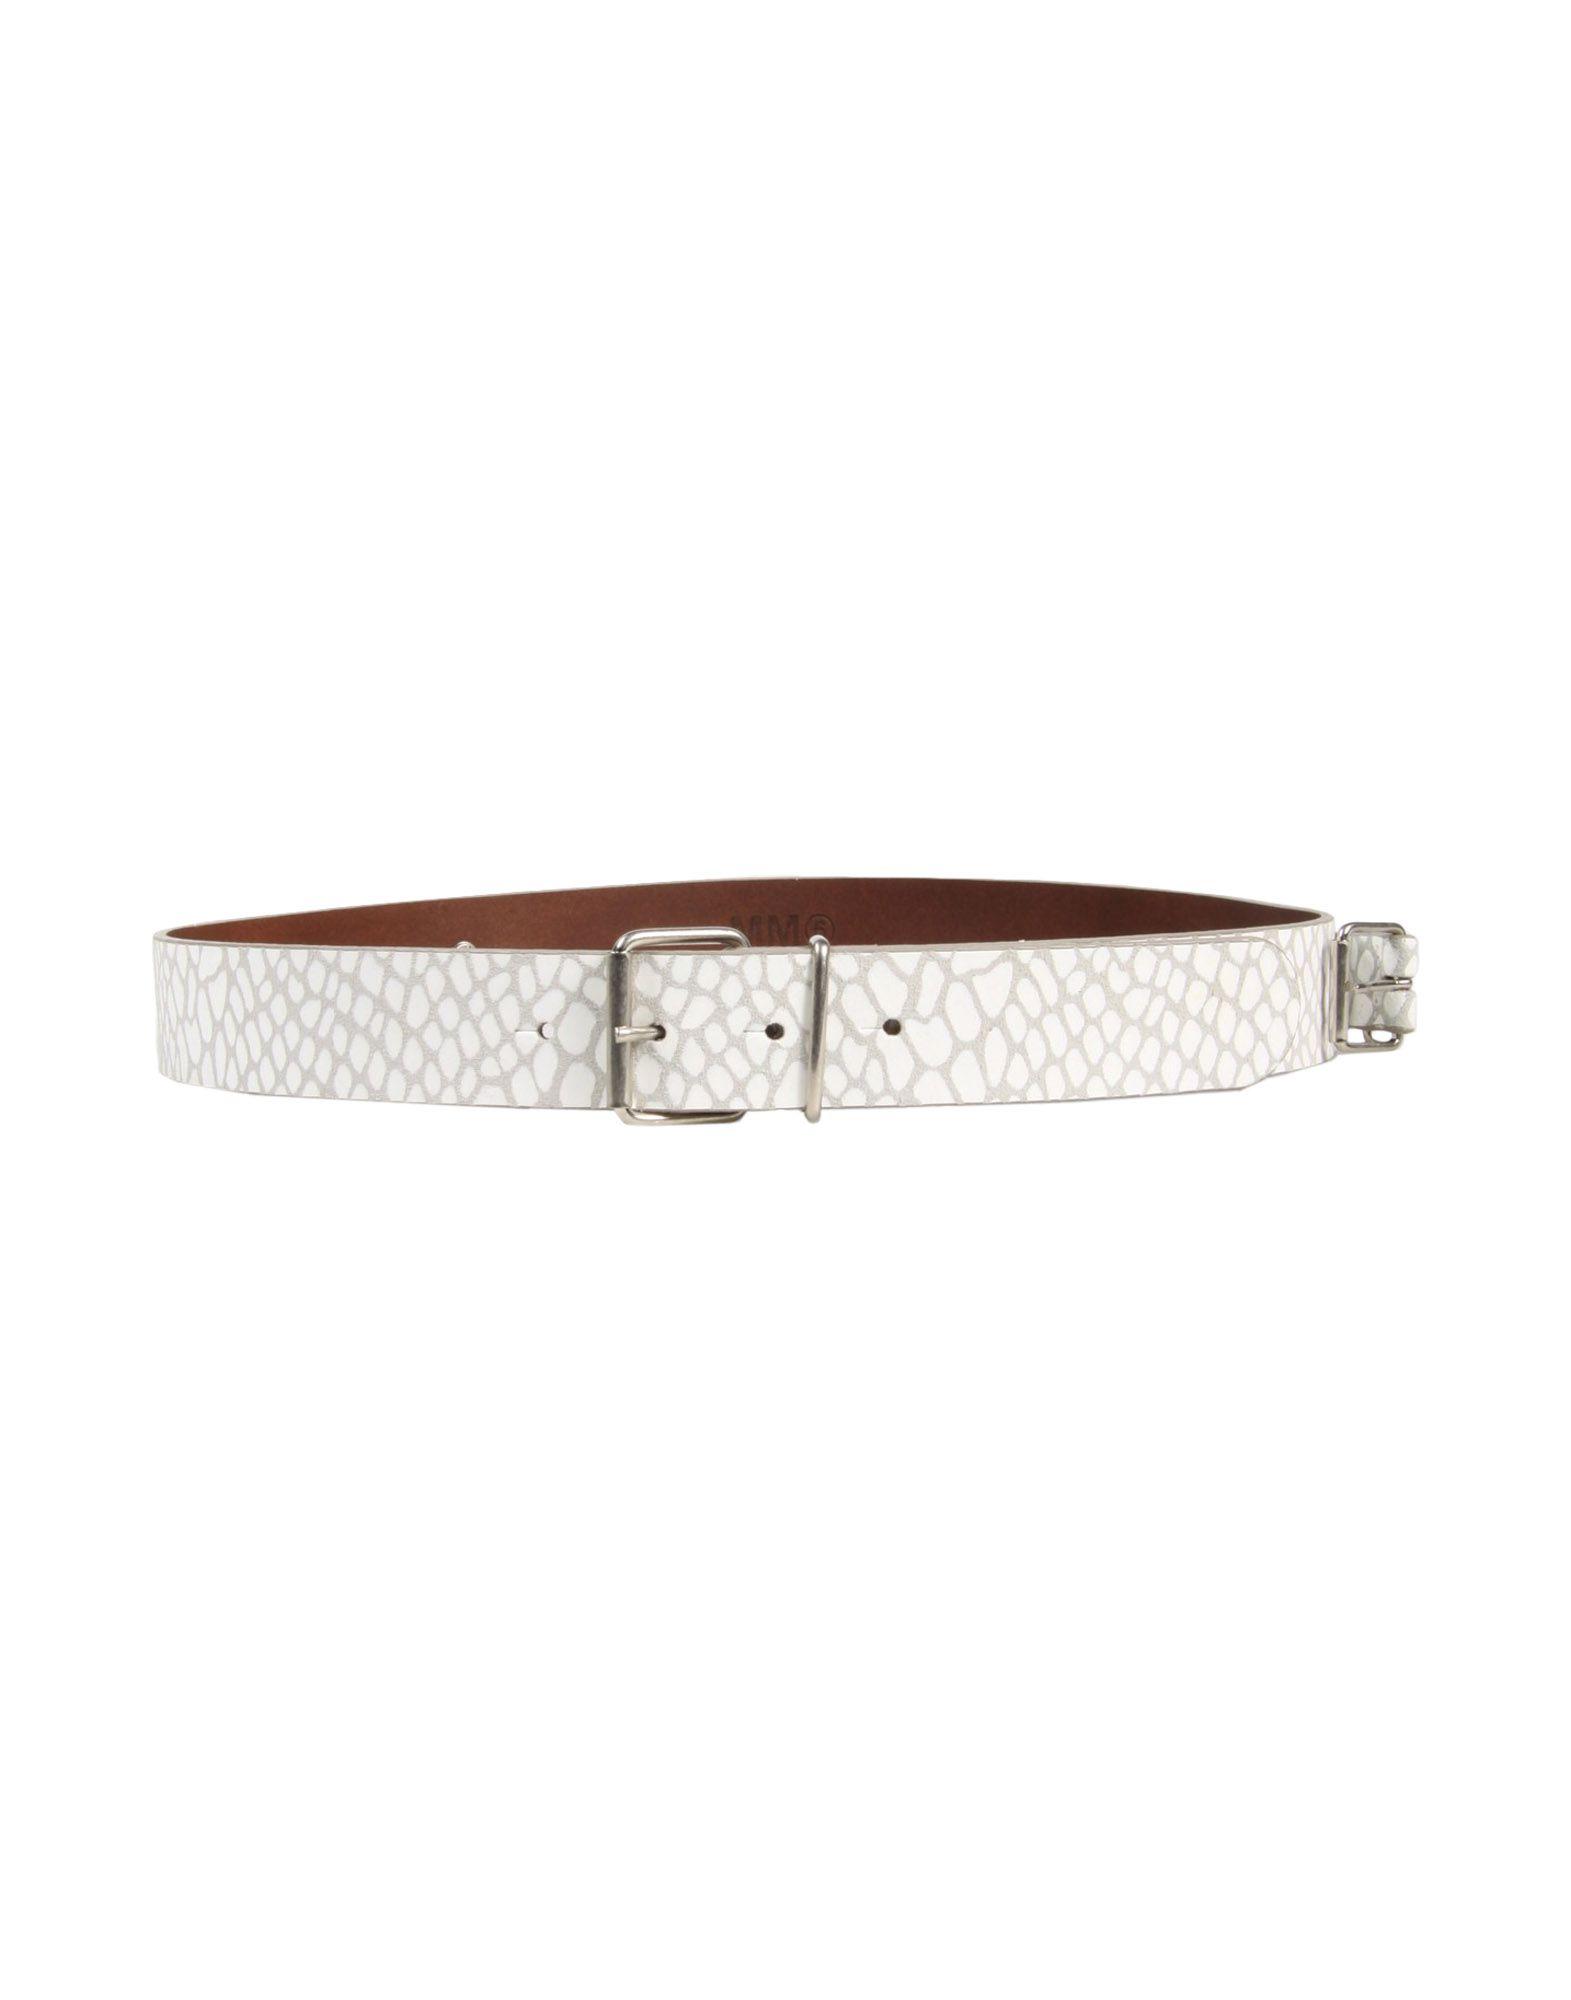 MM6 BY MAISON MARGIELA Belts